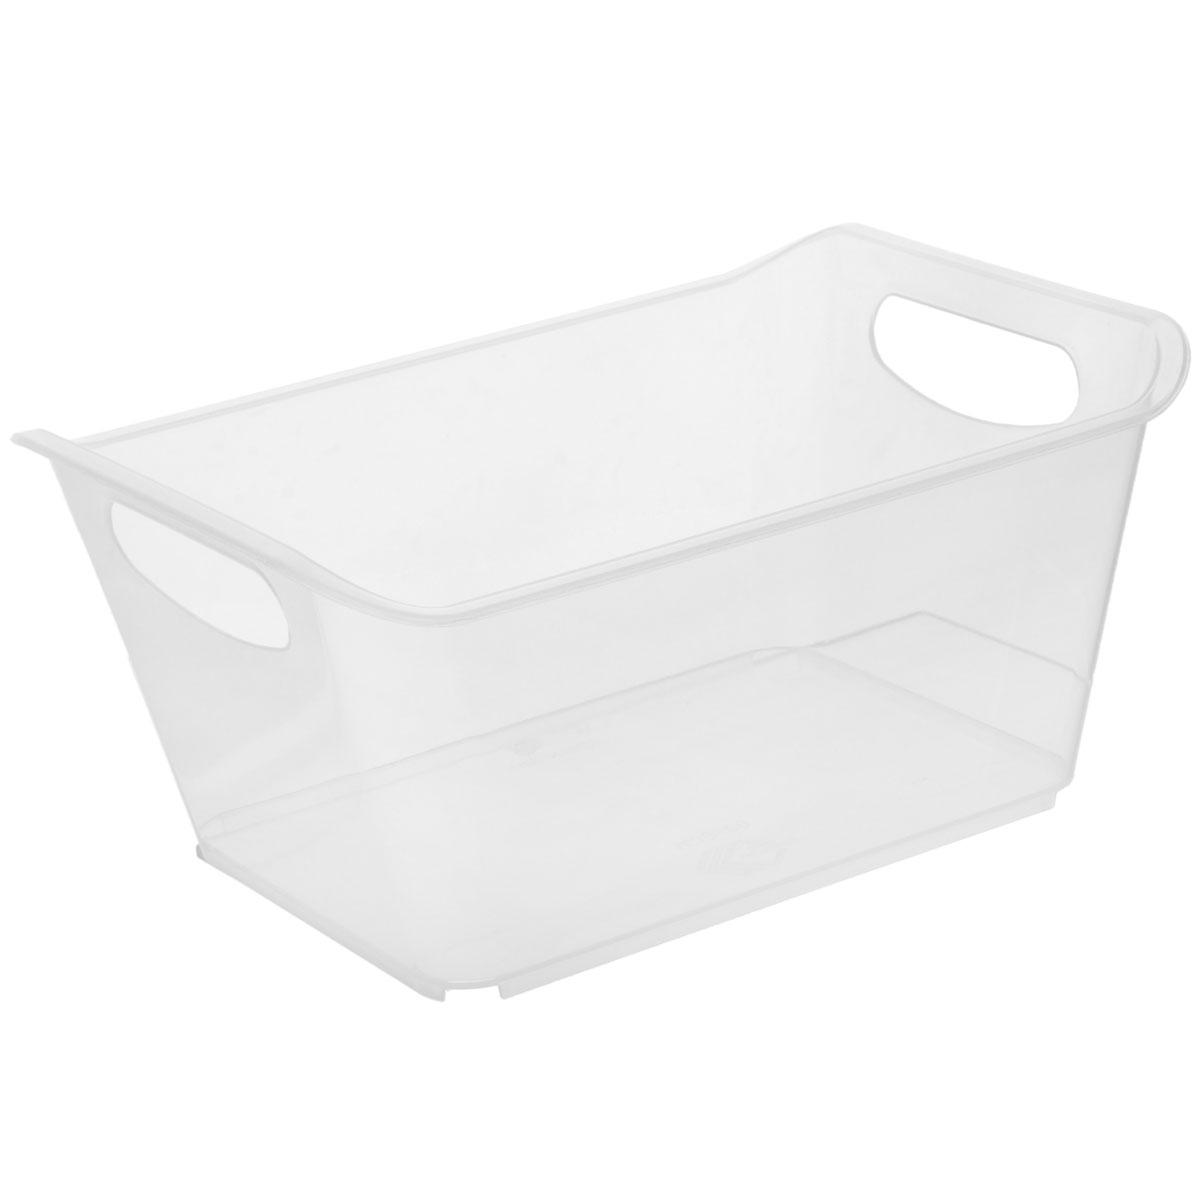 Контейнер Gensini, цвет: прозрачный, 27 х 19,5 х 12 смБрелок для ключейКонтейнер Gensini выполнен из прочного пластика. Он предназначен для хранения различных мелких вещей в ванной, на кухне, даче или гараже, исключая возможность их потери. По бокам контейнера предусмотрены две удобные ручки для его переноски.Контейнер поможет хранить все в одном месте, а также защитить вещи от пыли, грязи и влаги.